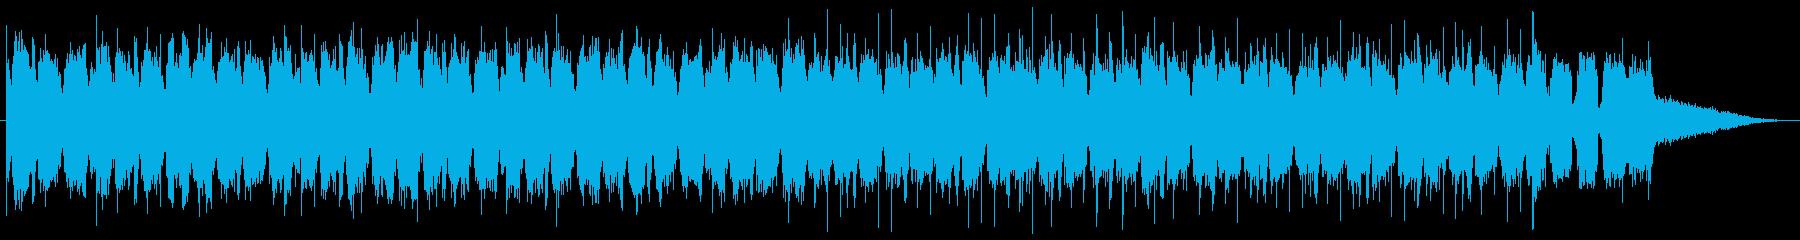 【ショート版】EDM ディスコおしゃれの再生済みの波形